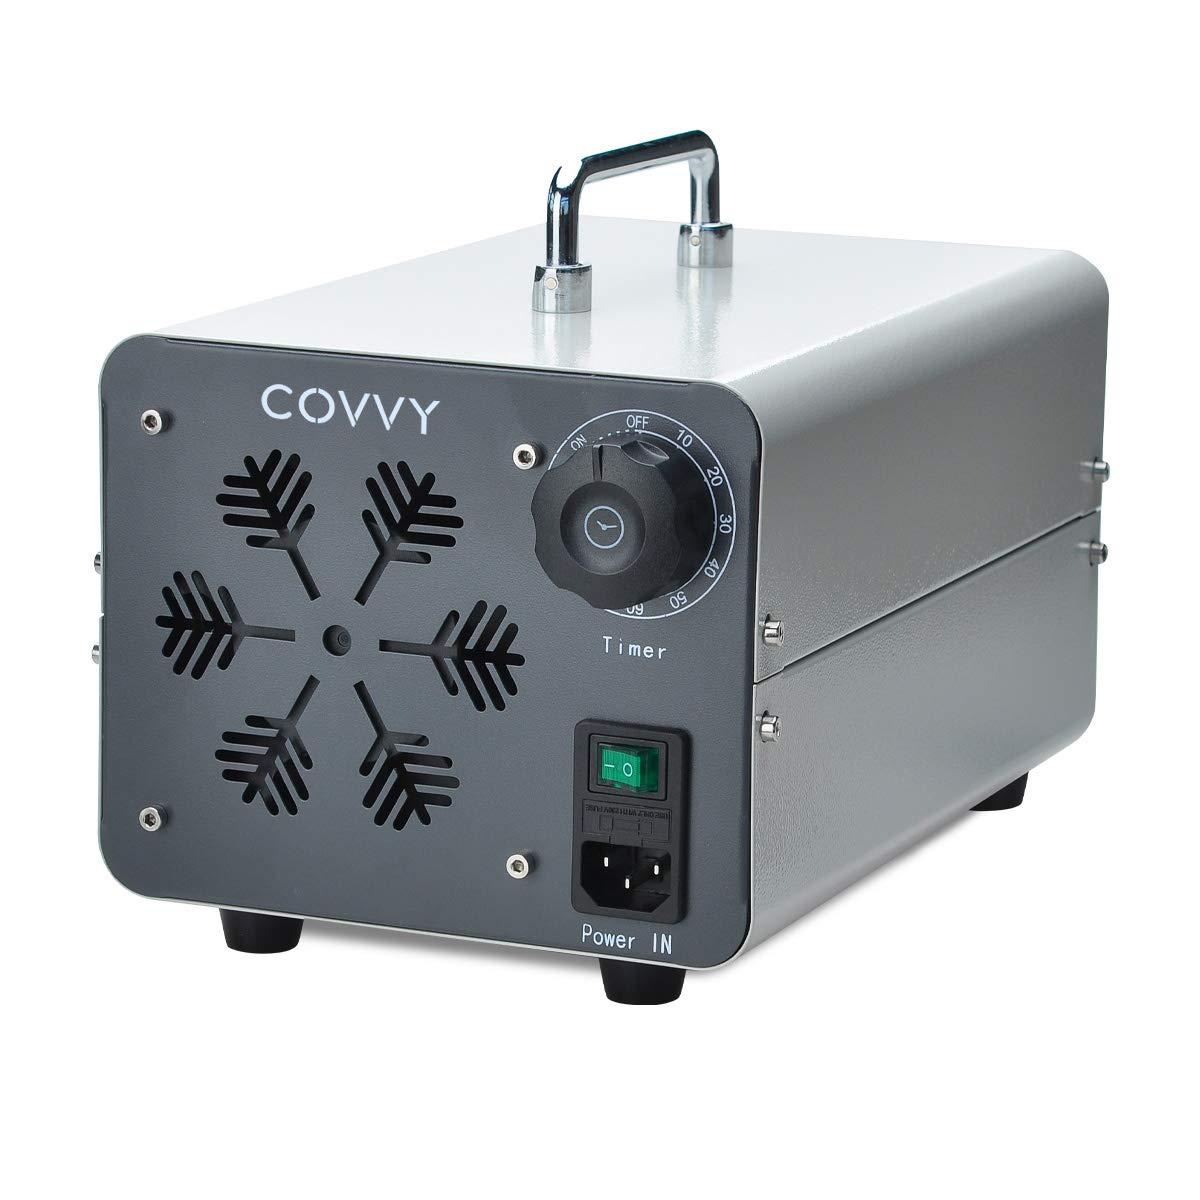 COVVY Generador de ozono comercial, máquina móvil industrial del ozono O3 purificador de aire ambientador esterilizador para la eliminación de olores, para casa, oficina, hotel, coche: Amazon.es: Bricolaje y herramientas